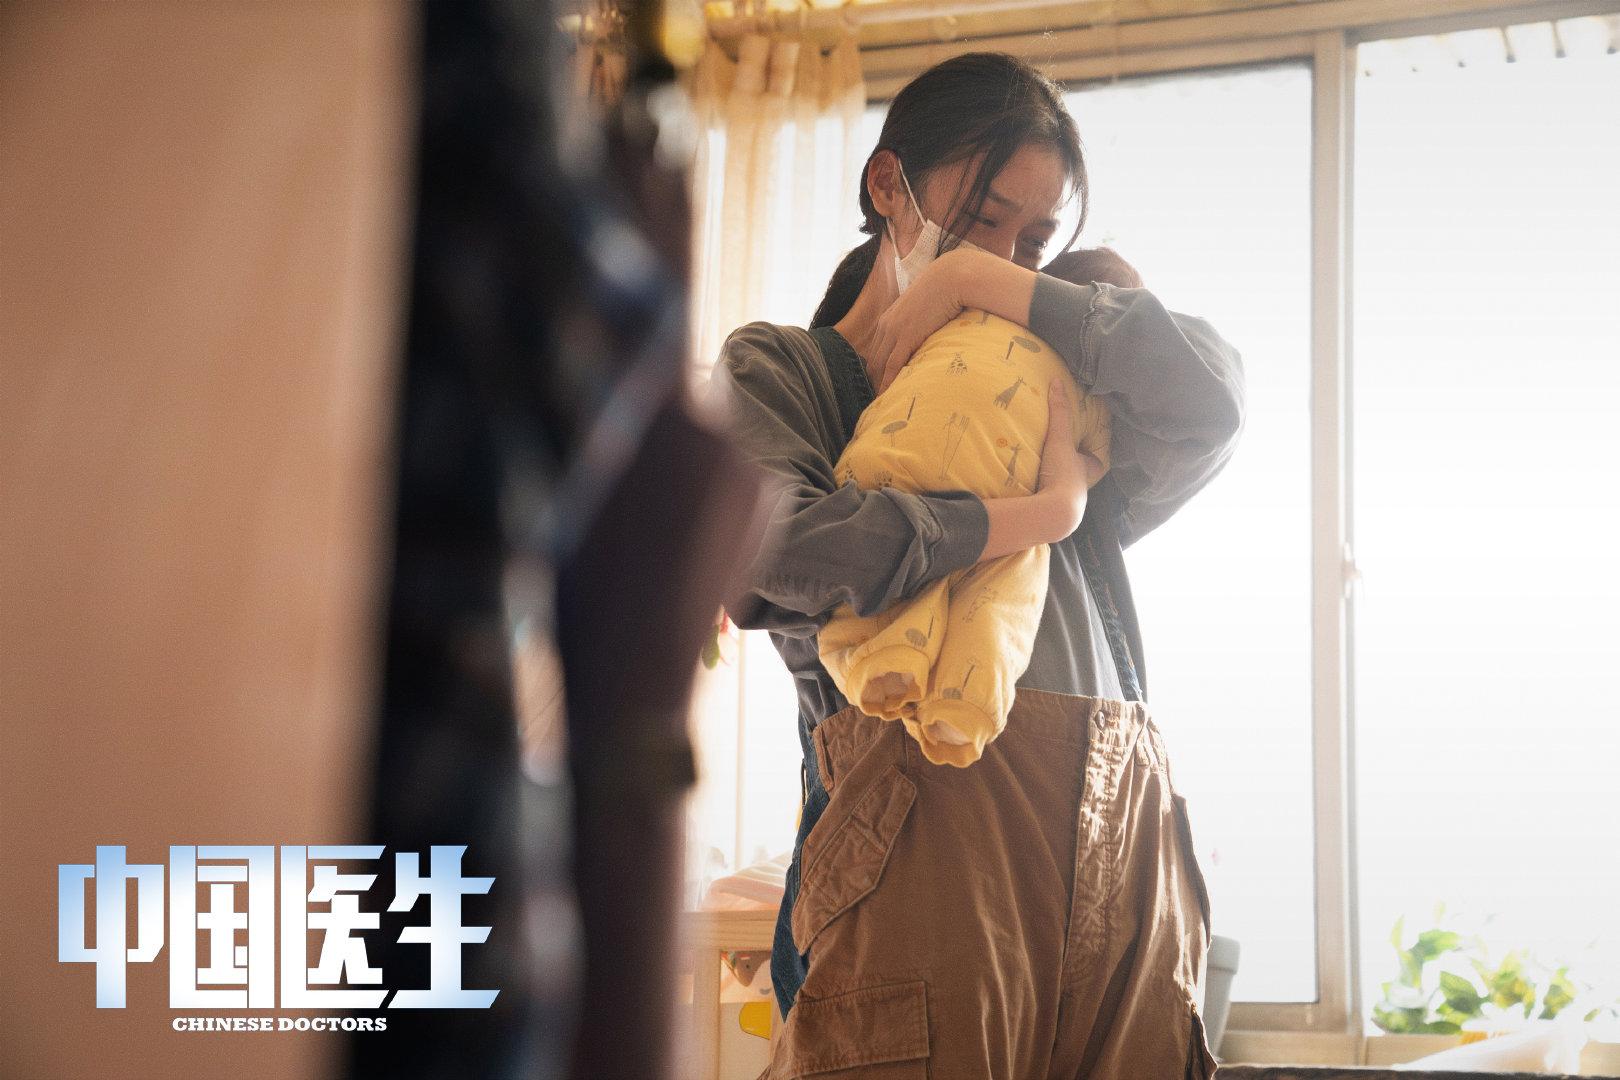 头条娱乐新闻_离上映只剩9小时,预售票房才1494万,暑期档就等吴京来救场了